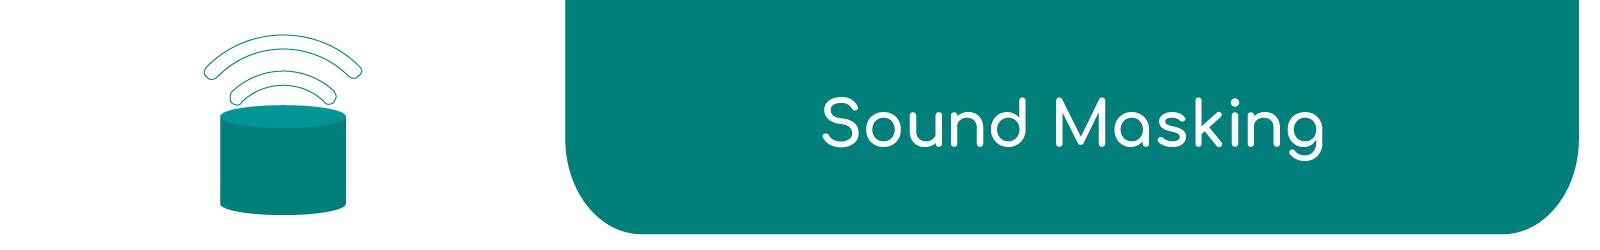 Sound Masking - Electronic Communication Services